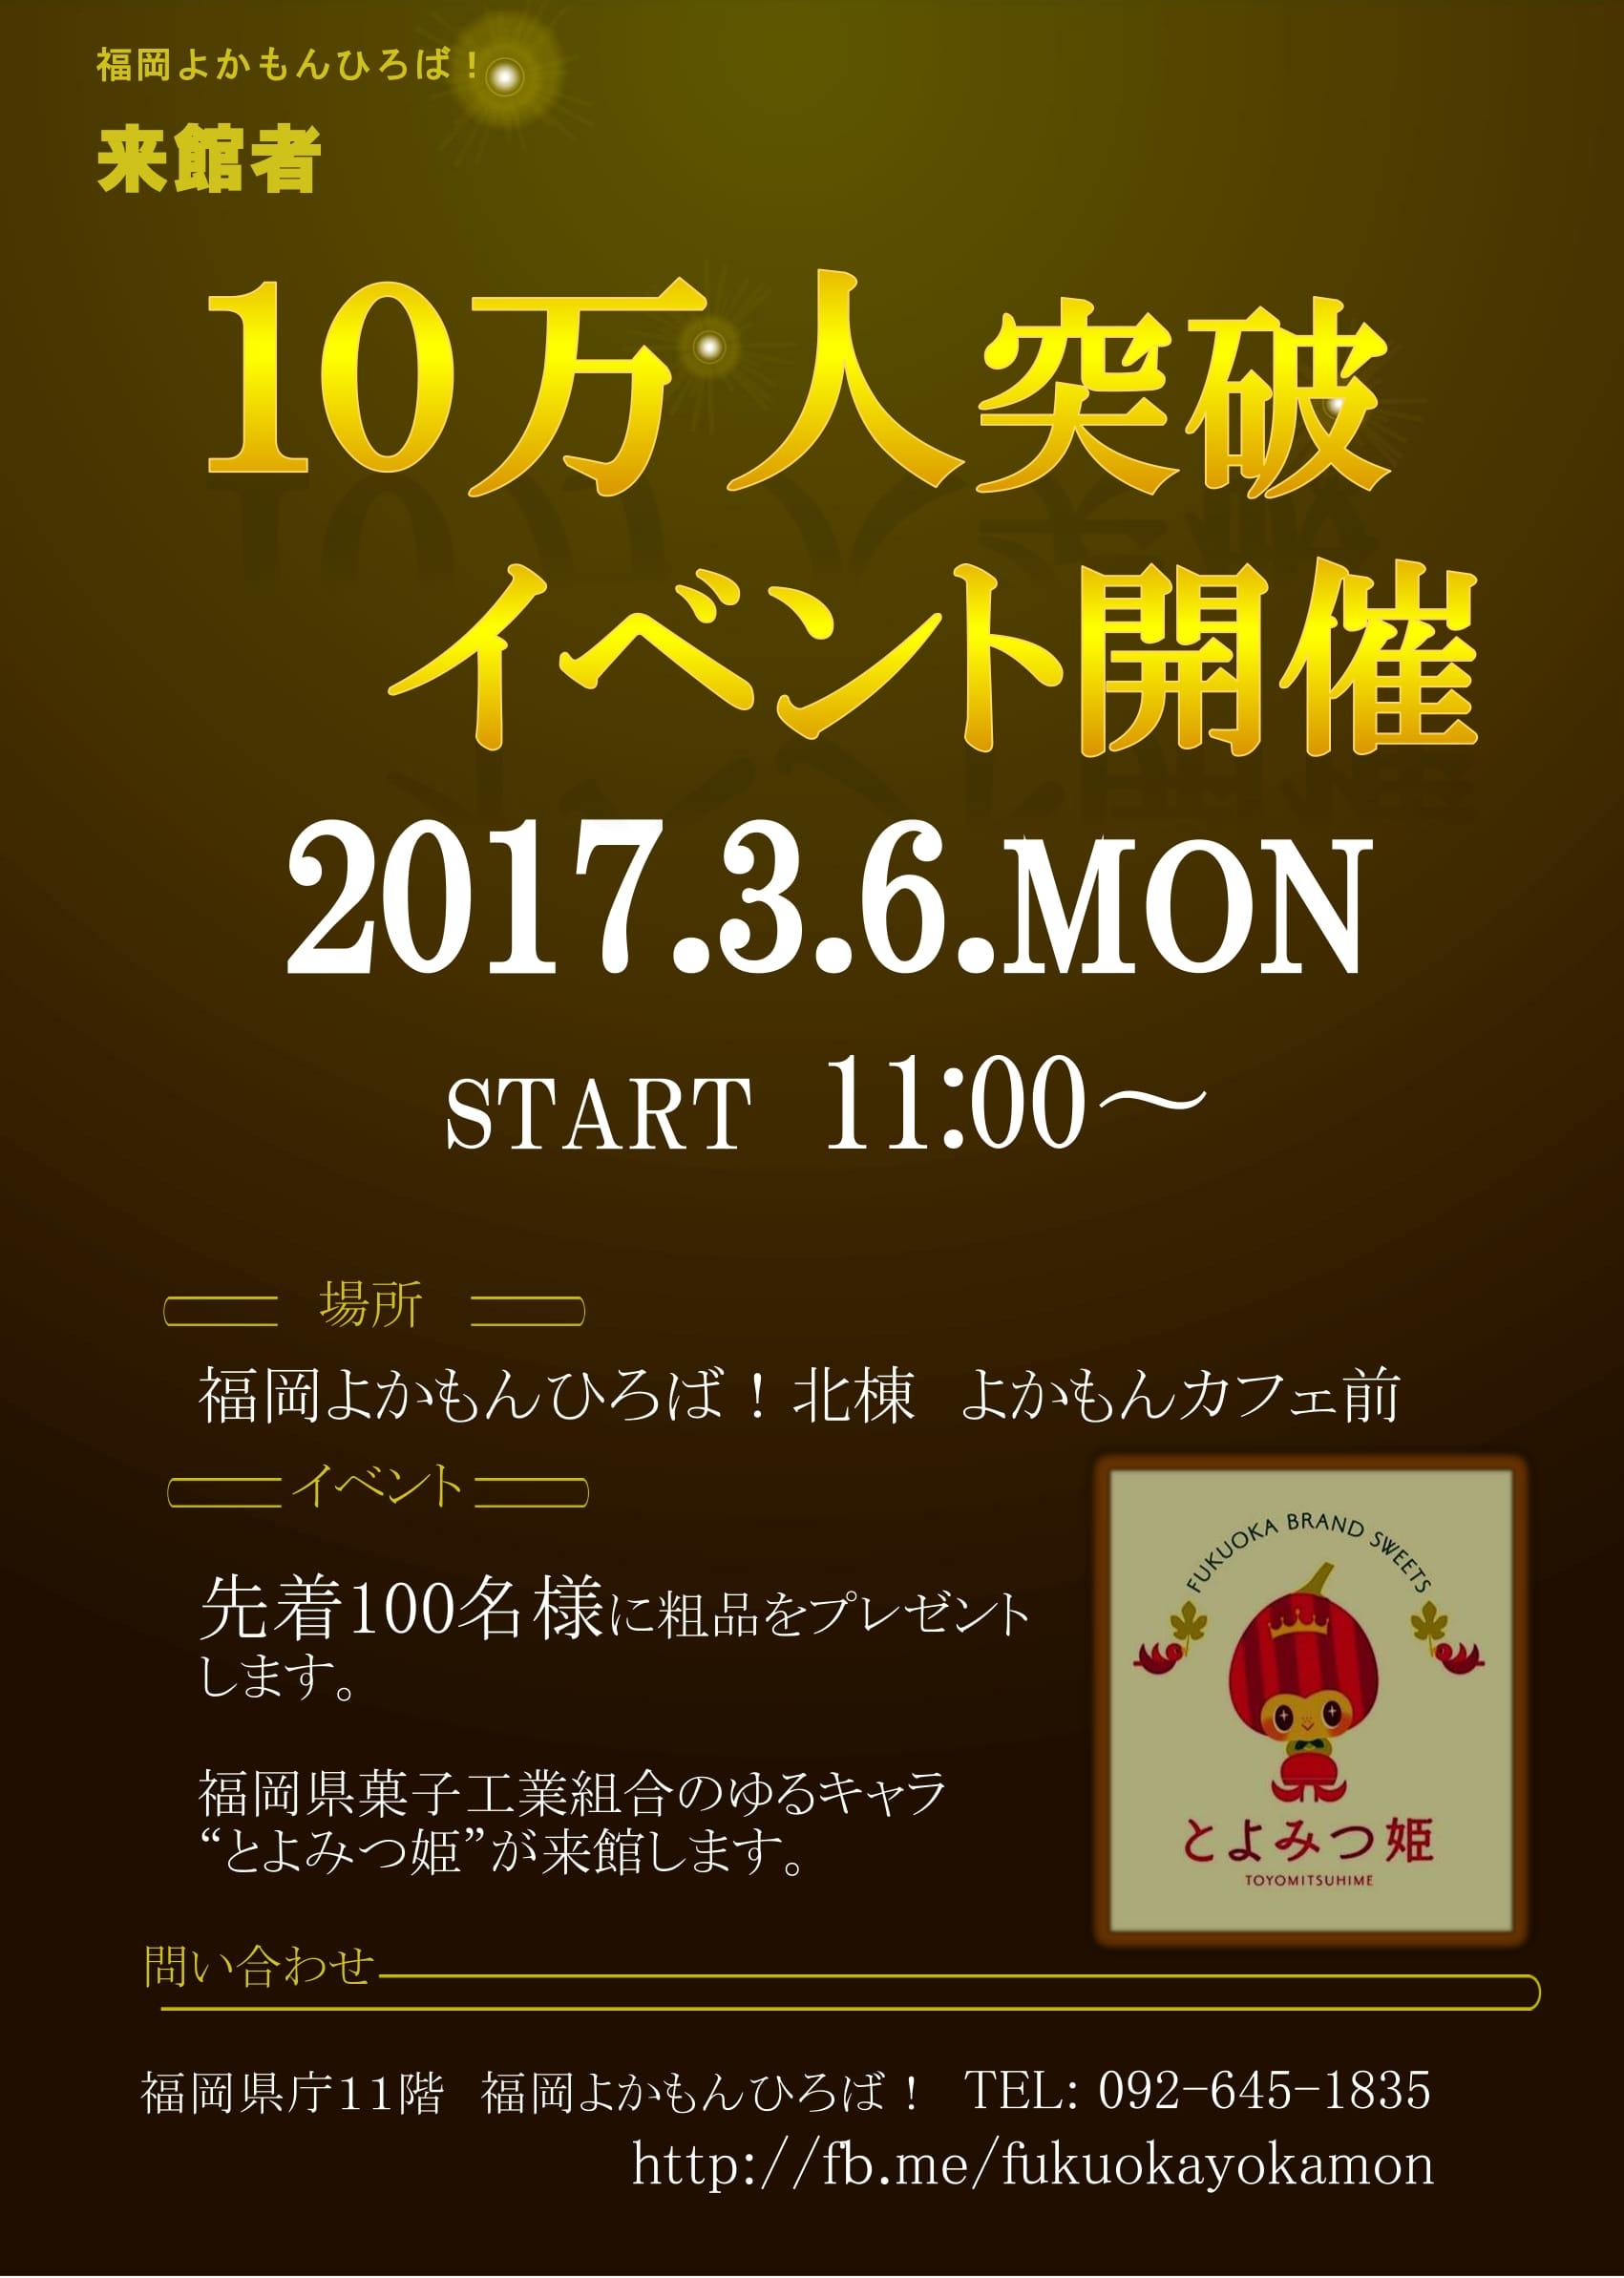 福岡県庁に 「とよみつ姫」がお邪魔します。